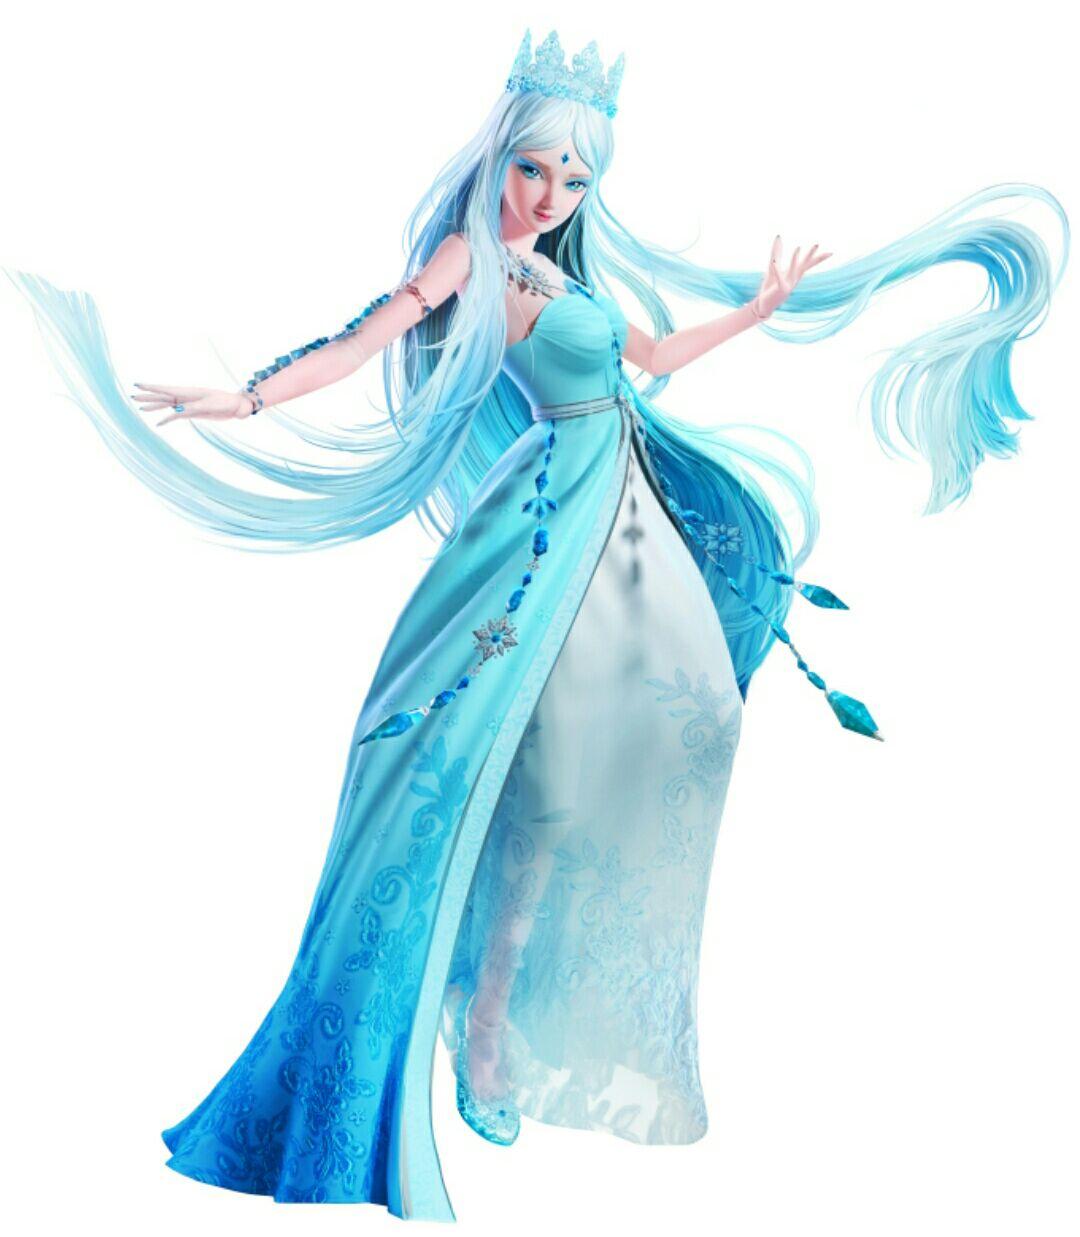 叶罗丽:当官方公布9个角色海报后,冰公主变迪士尼公主,图8崩坏图片